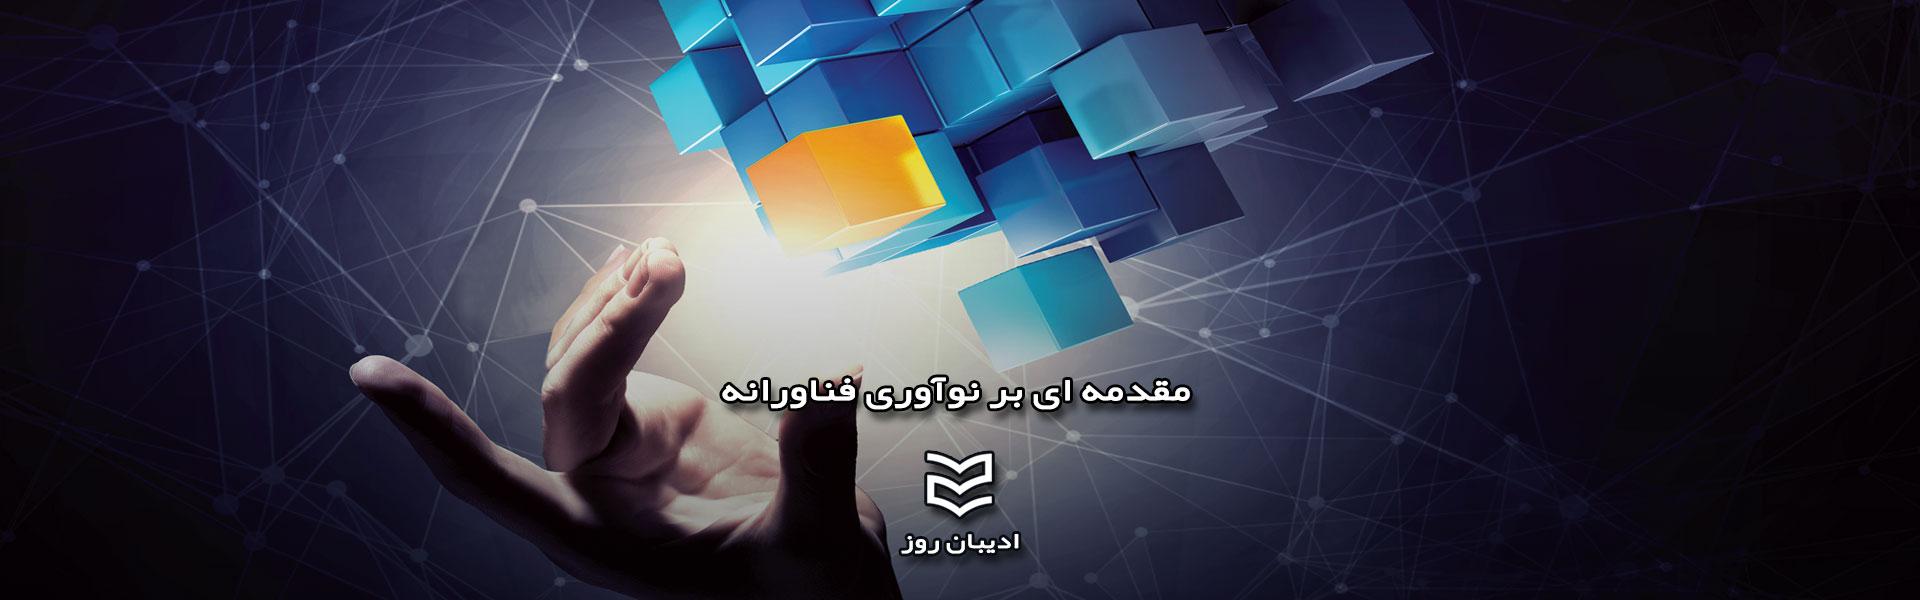 مقدمه ای بر نوآوری فناورانه